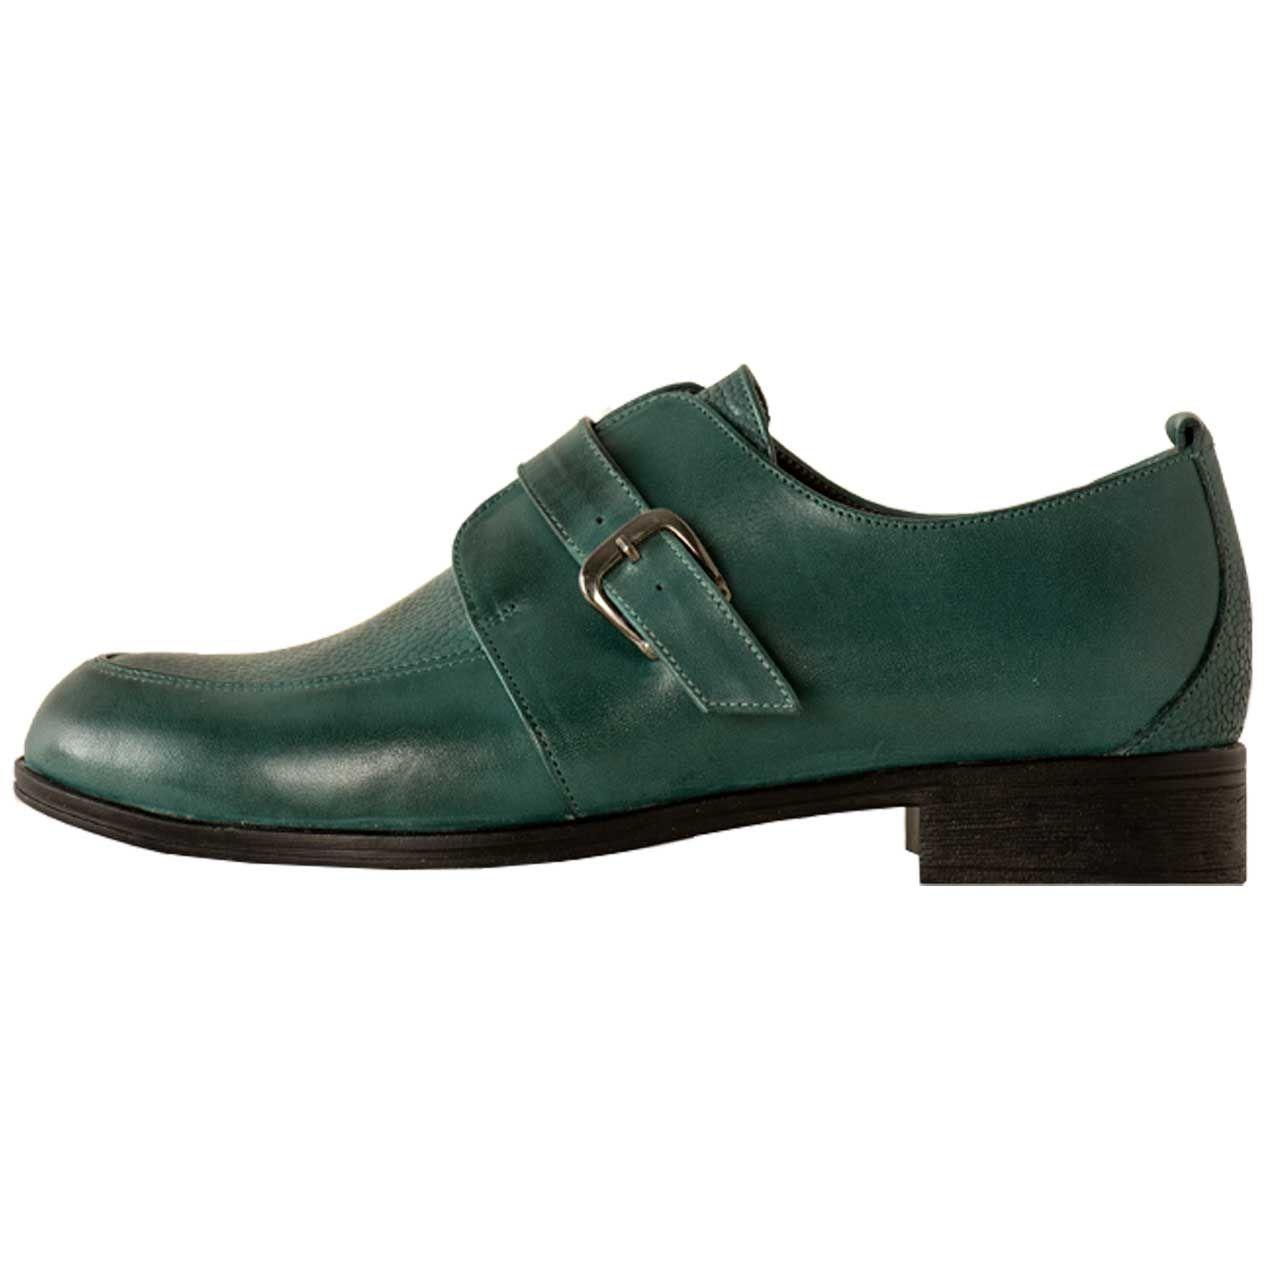 کفش زنانه پارینه چرم مدل show65-9